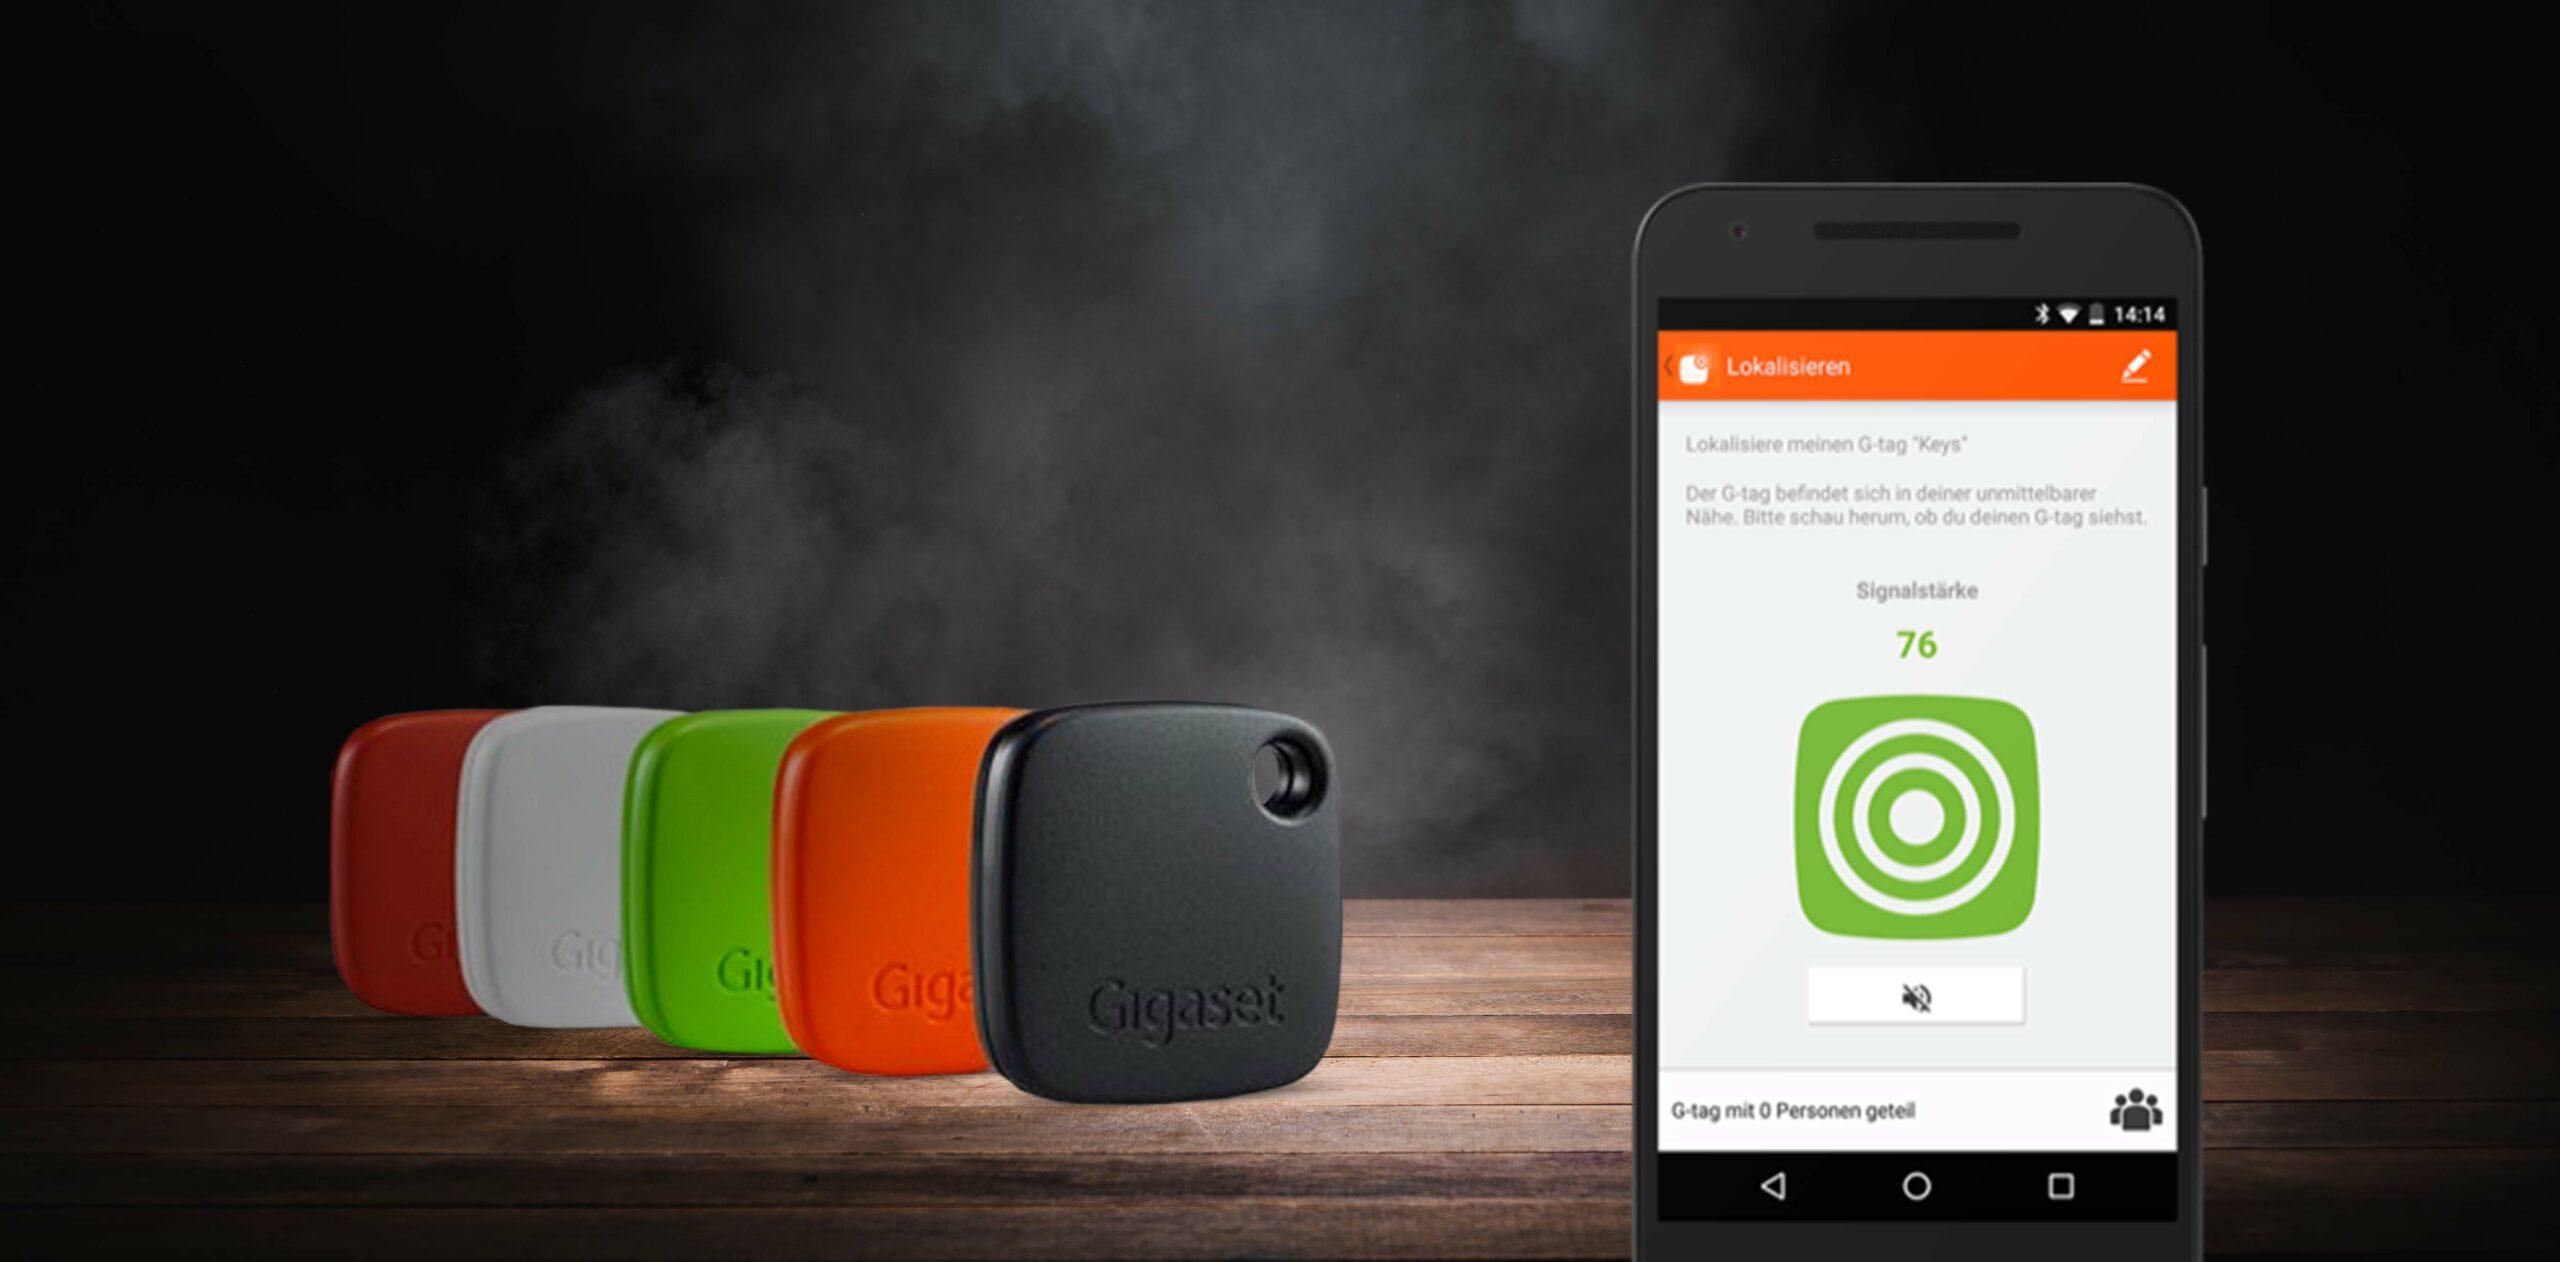 Iphone mit Screen Gigaset, daneben Gigaset 5 Token